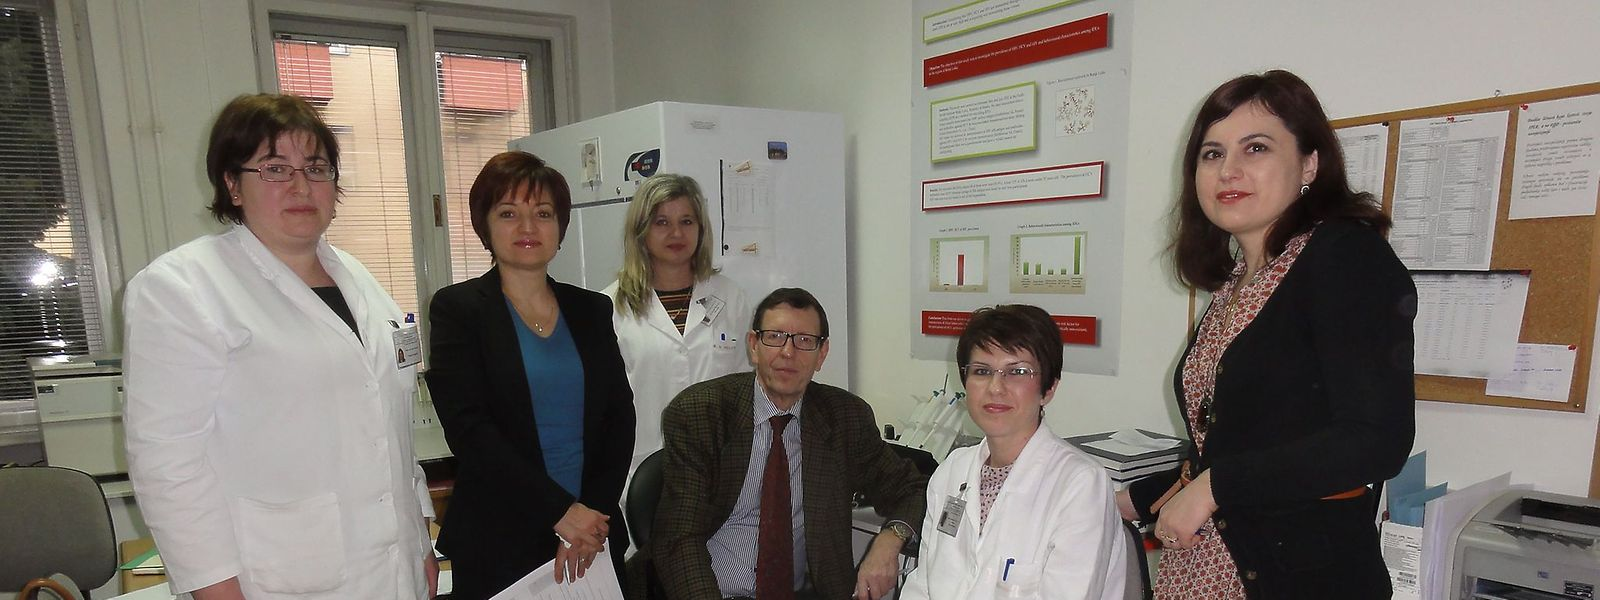 Prof. Dr. Claude P. Muller auf Akkreditierungsbesuch im Nationalen Referenzlabor in Banja Luka (Bosnien).